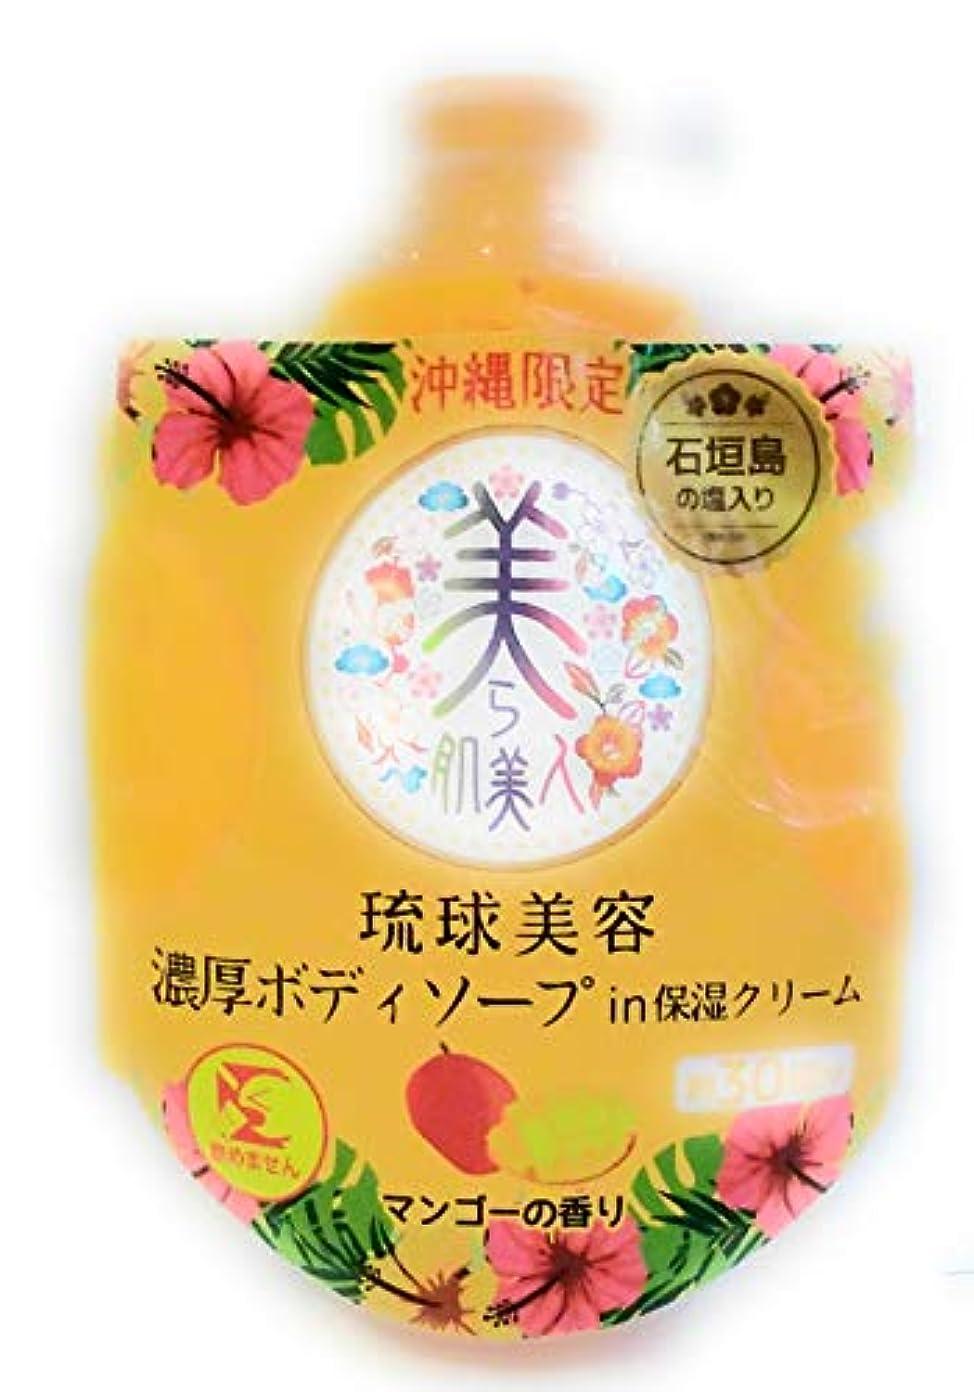 強化する知的ジーンズ沖縄限定 美ら肌美人 琉球美容濃厚ボディソープin保湿クリーム マンゴーの香り